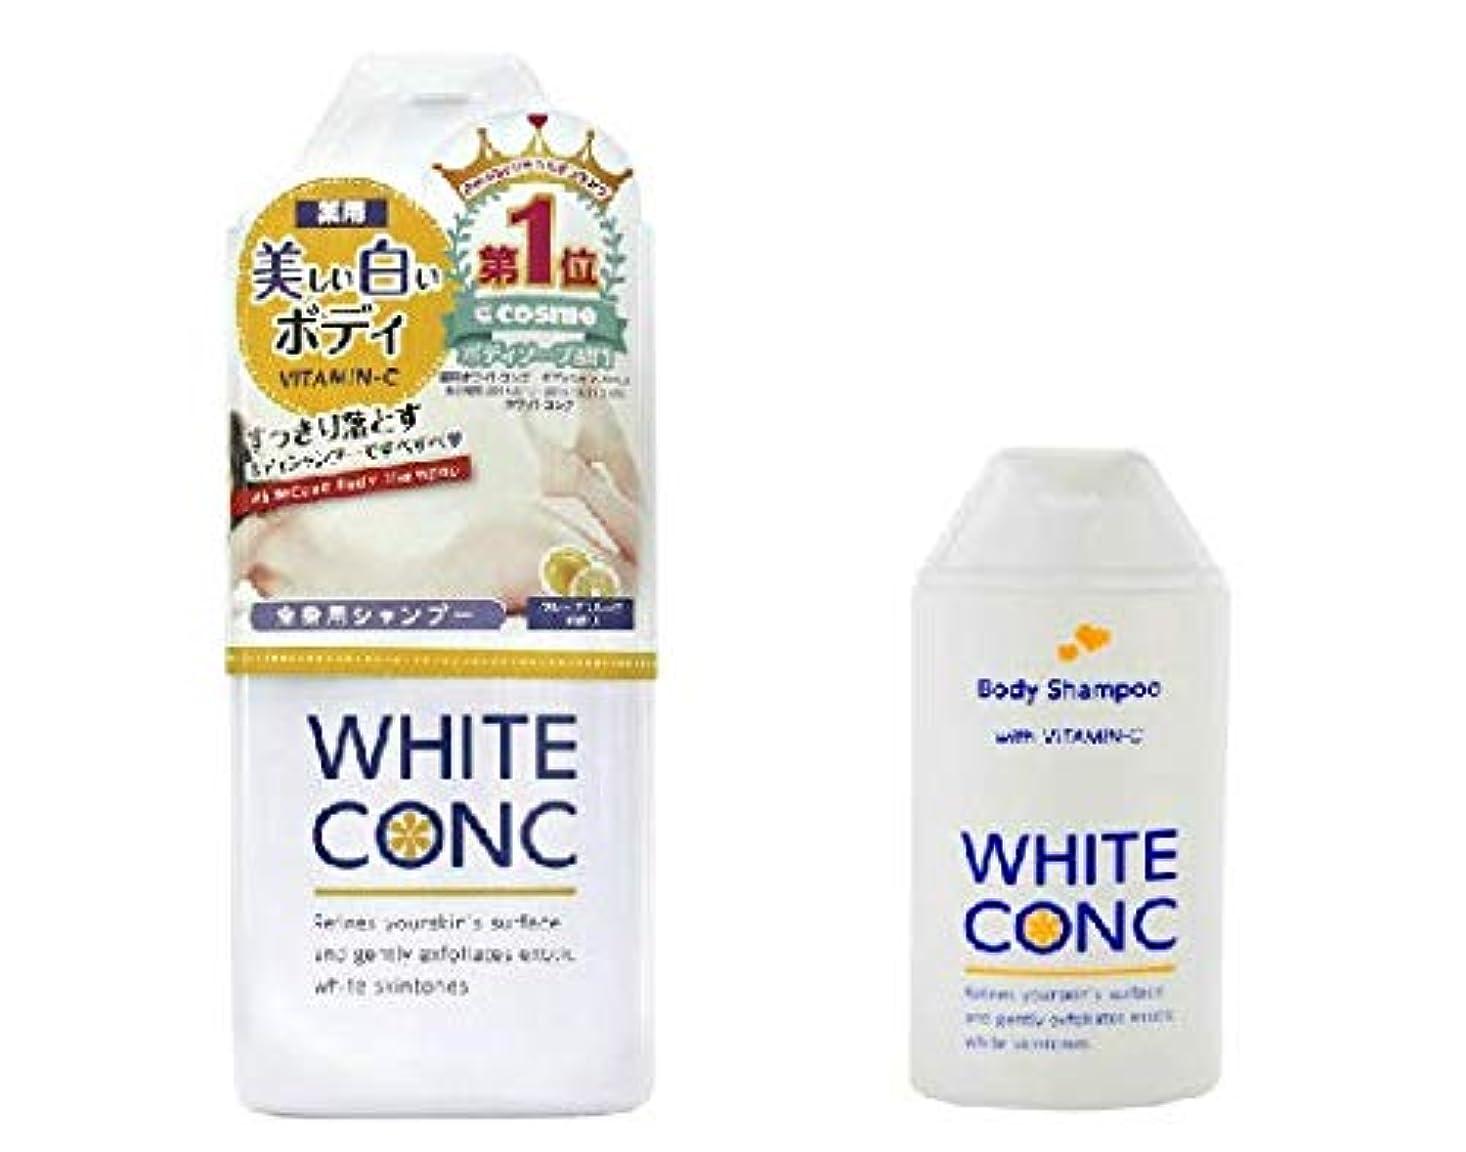 共感する統計的日記【WHITE CONC(ホワイトコンク)】 ボディシャンプーC Ⅱ_360mL1本&150mL1本